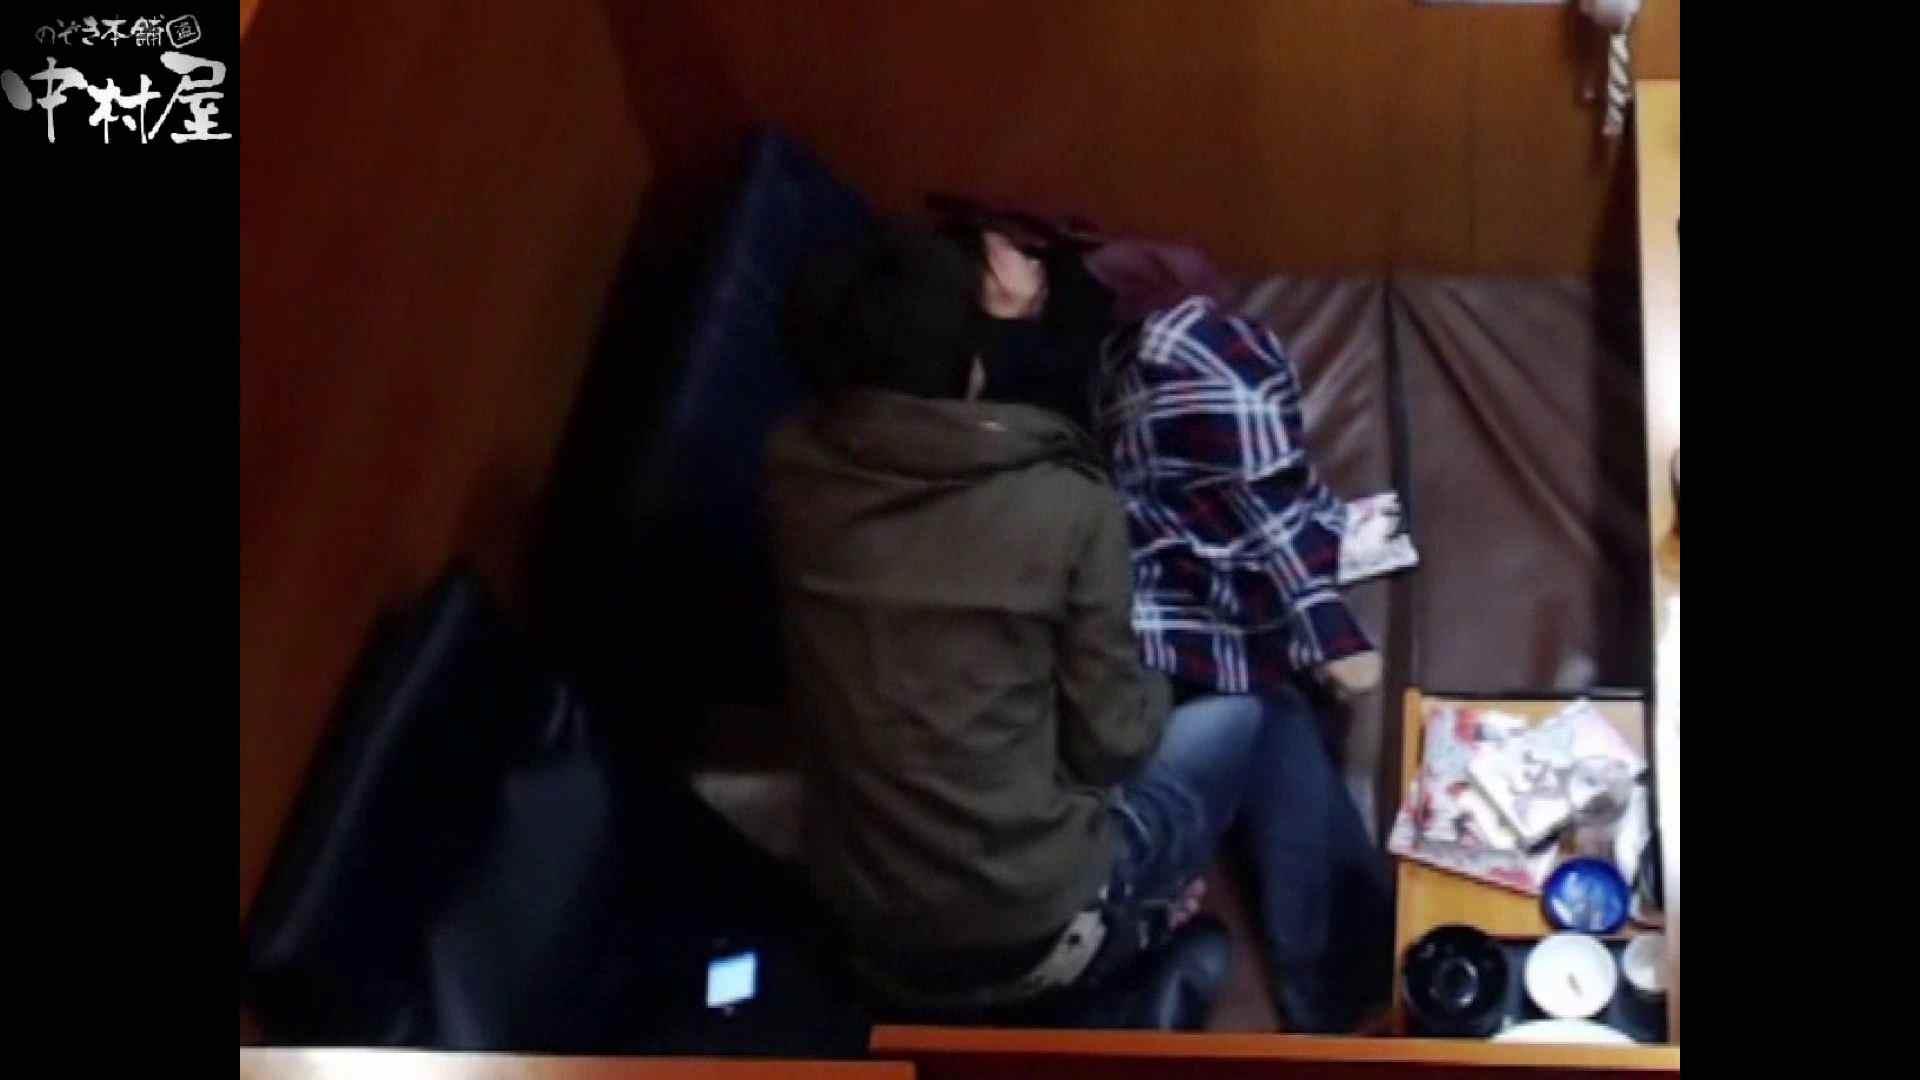 ネットカフェ盗撮師トロントさんの 素人カップル盗撮記vol.4 お姉さんの下半身 ヌード画像 101PIX 97